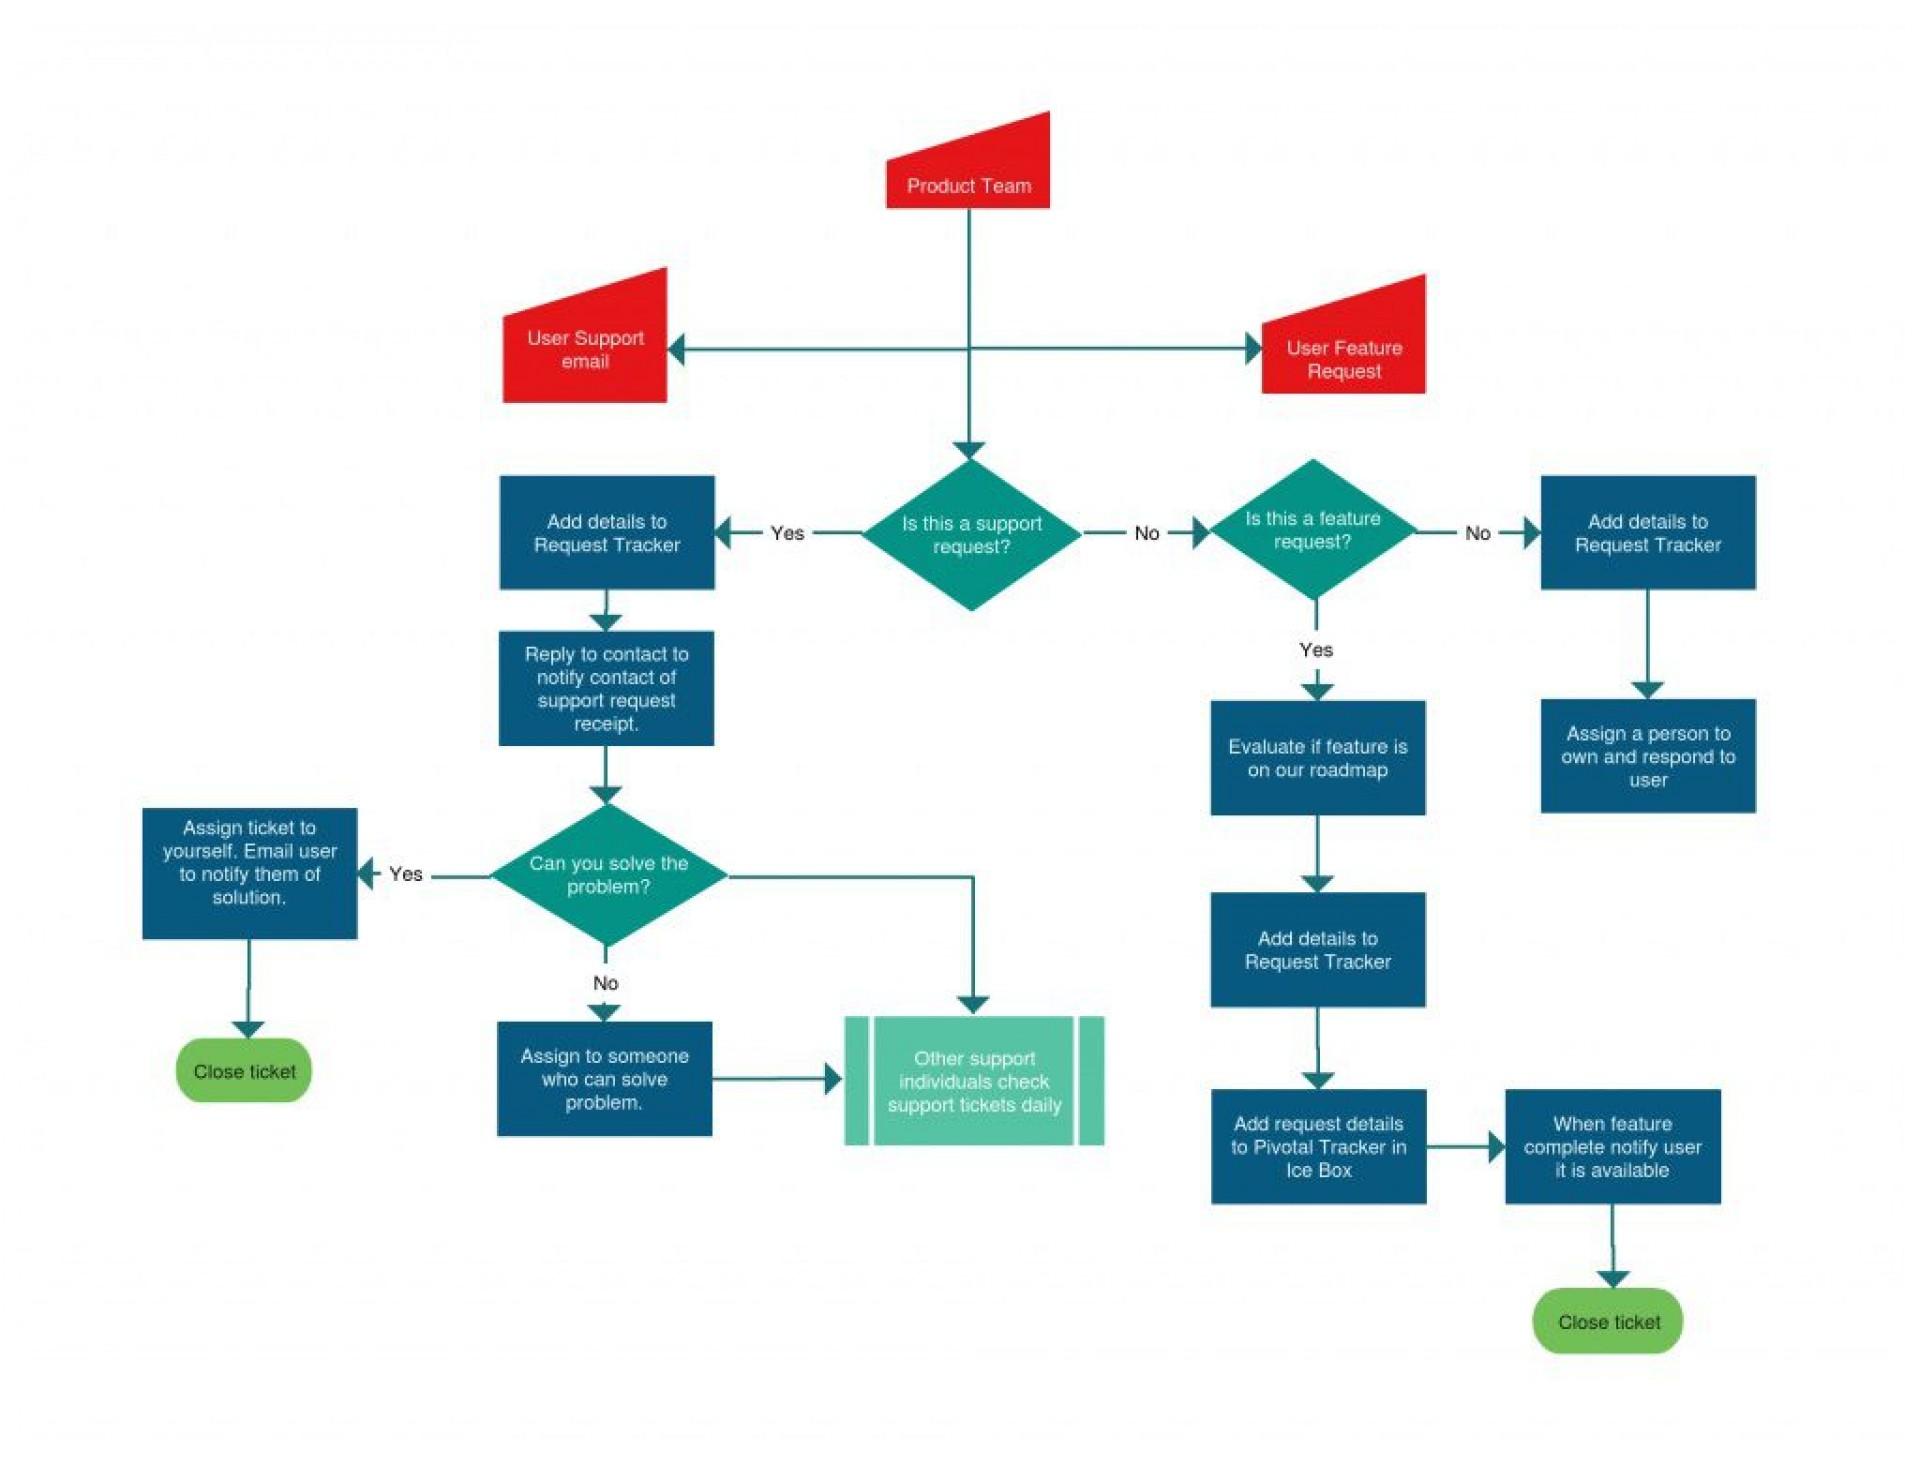 005 Remarkable Online Flow Chart Template Idea  Flowchart Proces Diagram1920